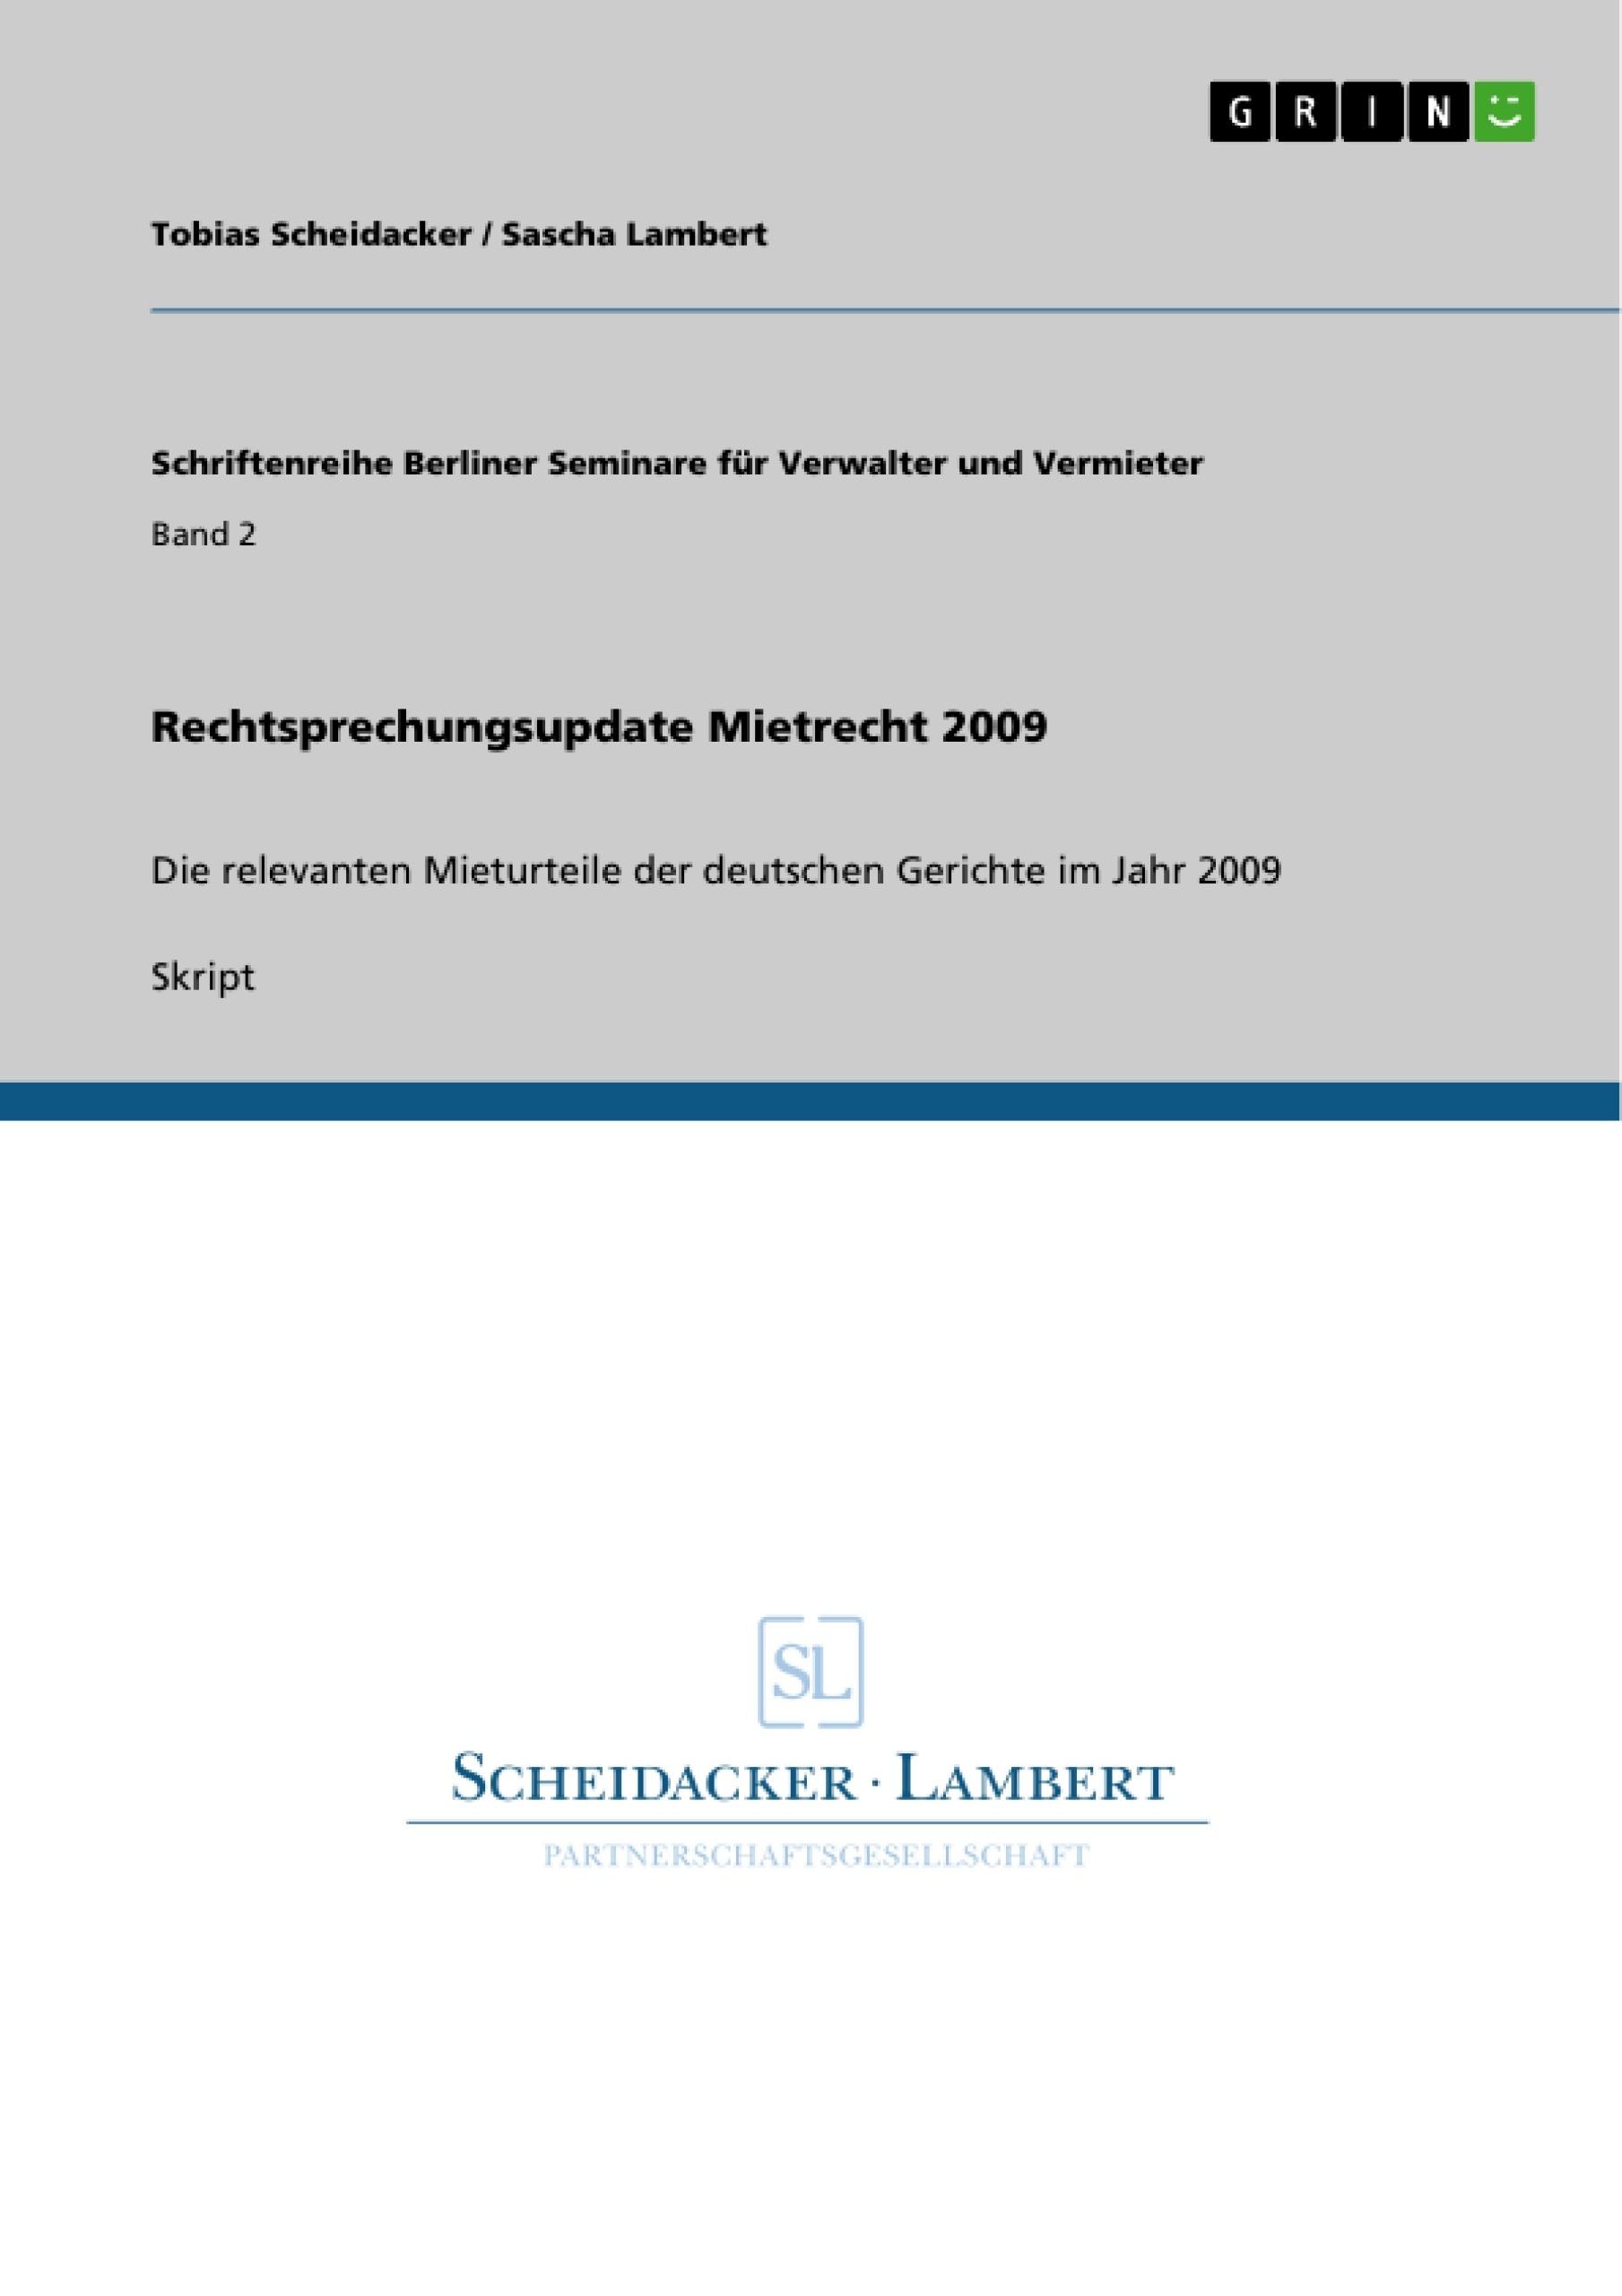 Titel: Rechtsprechungsupdate Mietrecht 2009